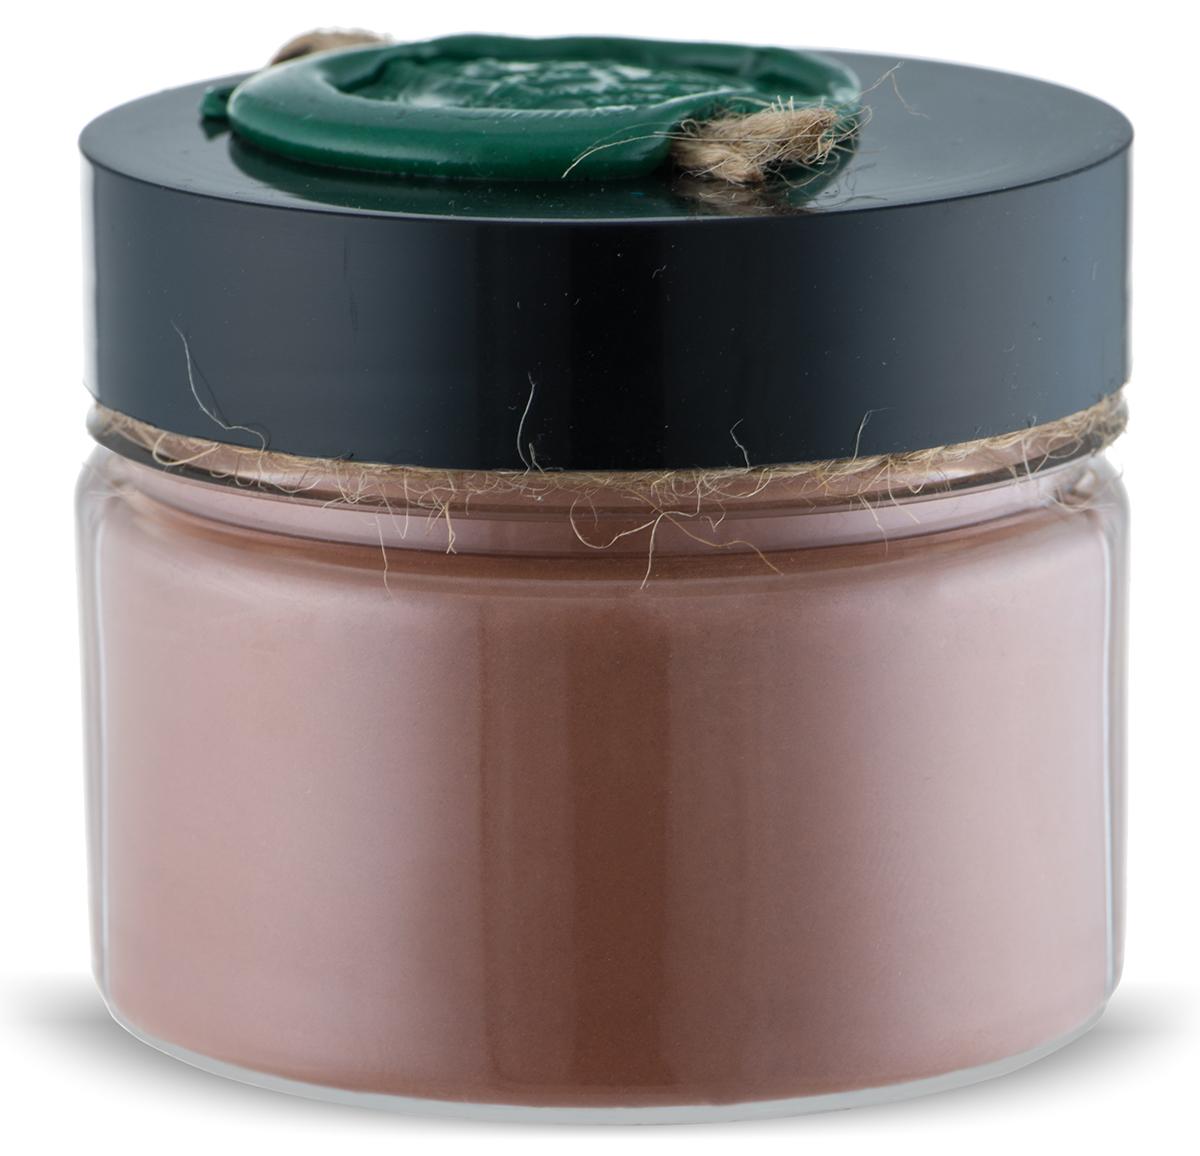 Huilargan Марокканская глина Гассул красная, 100 г2990000004611Марокканская глина гассул Huilargan – это 100% чистый и натуральный продукт, богатый железом и микроэлементами. Марокканская глина гассул активно используется в СПА процедурах для грязевых ванн и обертывания. Гассул является также идеальной маской для жирной кожи и волос. Используется как шампунь или очень мягкое мыло, так как обладает очищающим и смягчающим свойствами, впитывает излишки кожного сала. Не содержит поверхностно-активных веществ и не разрушает защитную пленку кожи или защитную оболочку волос. - Глина 100% натуральная, богатая железом и микроэлементами; - идеальное средство для ухода за чувствительной кожей; - используется как шампунь или очень мягкое мыло; - сильные абсорбирующие и адсорбирующие свойства; - глубоко и бережно очищает; - впитывает излишки кожного сала и регулирует его секрецию; - тонизирует и сужает поры; - гипоаллергенна, поэтому подходит для всех типов кожи, даже для самой чувствительной; - оживляет кожу и волосы; - обладает противоотечным и смягчающим действием; - помогает избавиться от перхоти. Рецепты: Маска для сухой кожи Для этого рецепта вам понадобится: - 2 столовые ложки глины гассул; - 3-4 чайных ложки воды цветков апельсина (можно использовать минеральную воду); - 1 столовая ложка арганового масла. Хорошо перемешайте все компоненты до образования густой однородной пасты. Нанесите маску на кожу лица, избегая чувствительной области вокруг глаз. Оставьте на 15 минут.Смойте маску теплой водой.Маска для жирной кожи Аналогично маски для сухой кожи, просто замените аргановое масло лимонным соком.Маска для жирных волос Для этого рецепта вам понадобится: - 2 столовые ложки глины гассул; - теплая вода; - лимонный сок. Смешайте глину гассул с теплой водой (смесь должна иметь вязкость как шампунь). Нанесите по всей длине волос и на кожу головы и помассируйте.Оставьте маску на пятнадцать минут. Затем тщательно промойте волосы водой, добавив лимонный сок в последнюю воду для оп